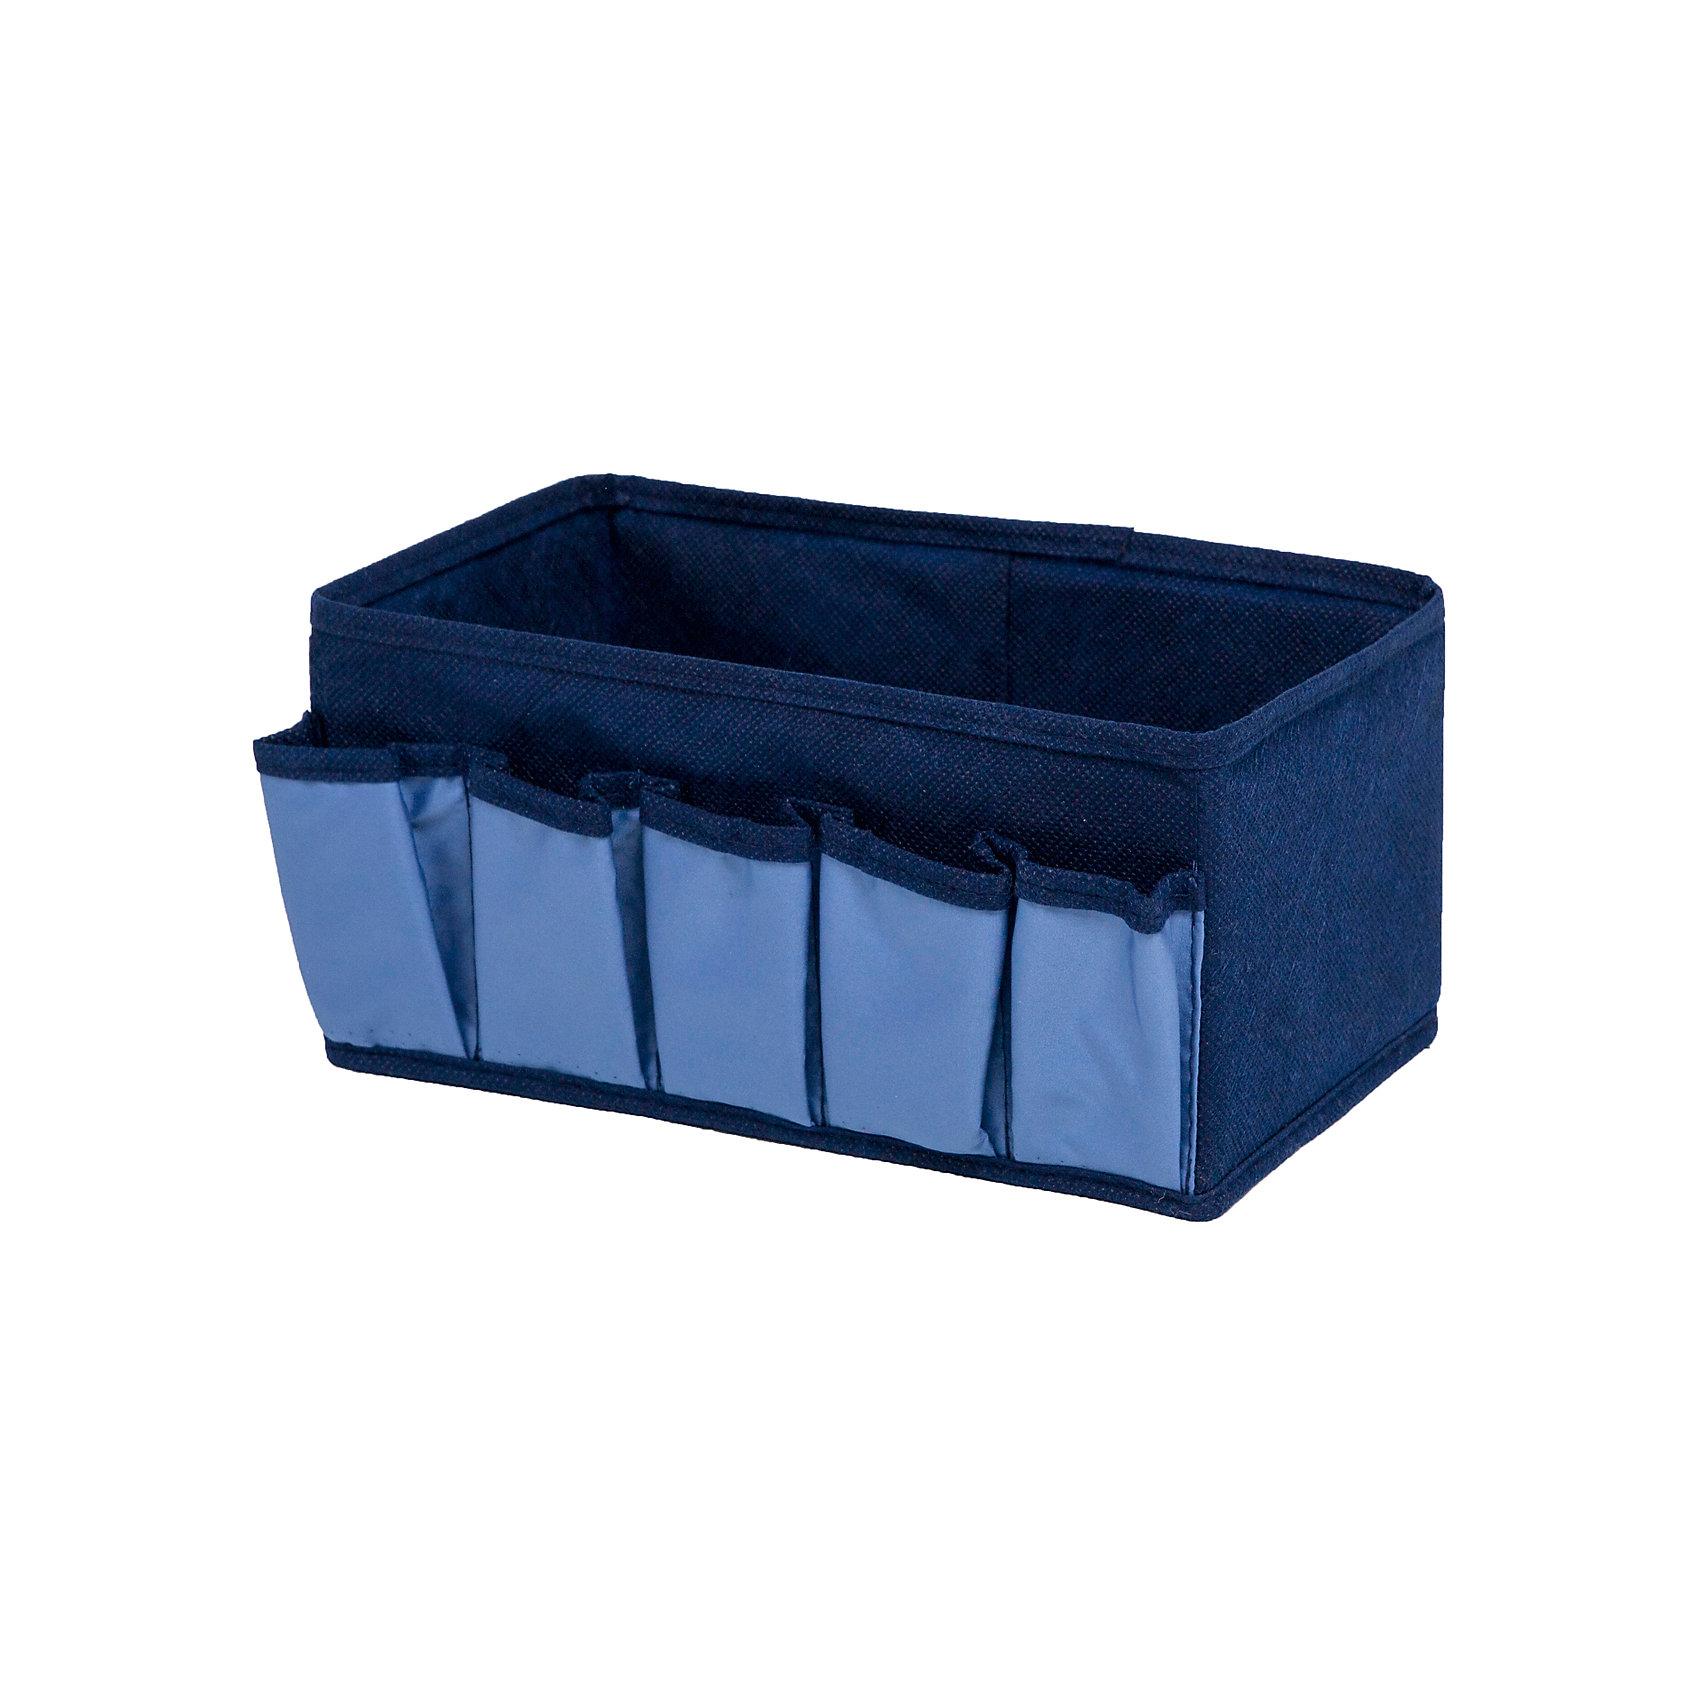 Коробочка для косметики и мелочей Blue sky, HomsuПорядок в детской<br>Характеристики товара:<br><br>• цвет: синий<br>• материал: полиэстер, картон<br>• размер: 25х15х12 см<br>• вес: 100 г<br>• легкий прочный каркас<br>• обеспечивает естественную вентиляцию<br>• вместимость: 6 отделений<br>• страна бренда: Россия<br>• страна изготовитель: Китай<br><br>Коробочка для косметики и мелочей Blue sky от бренда Homsu (Хомсу) - очень удобная вещь для хранения вещей и эргономичной организации пространства.<br><br>Предмет легкий, устойчивый, вместительный, обеспечивает естественную вентиляцию.<br><br>Коробочку для косметики и мелочей Blue sky, Homsu можно купить в нашем интернет-магазине.<br><br>Ширина мм: 420<br>Глубина мм: 150<br>Высота мм: 20<br>Вес г: 100<br>Возраст от месяцев: 216<br>Возраст до месяцев: 1188<br>Пол: Унисекс<br>Возраст: Детский<br>SKU: 5620226